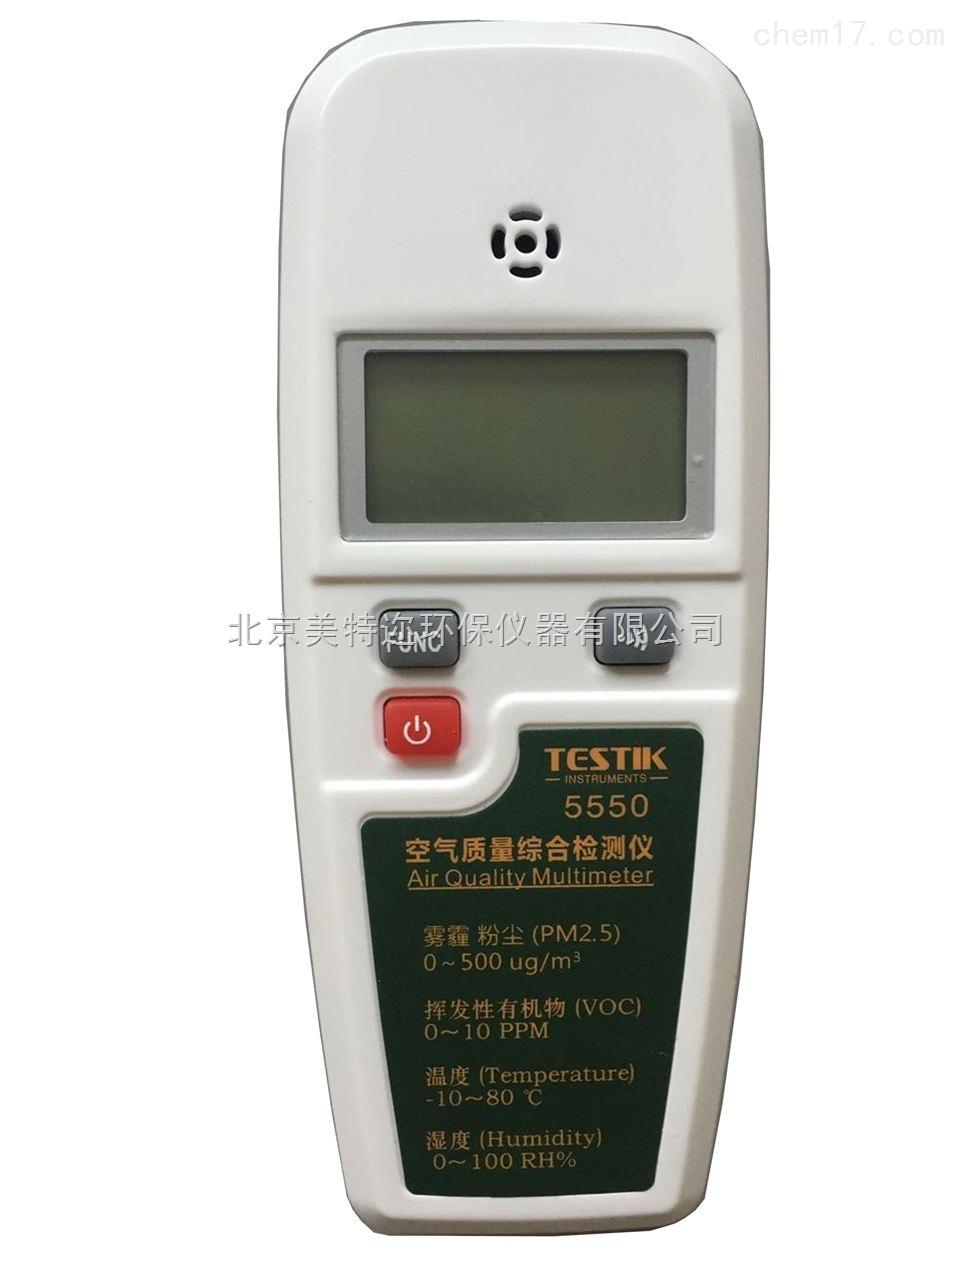 5550空气质量多功能环境检测仪 温湿度、TVOC、粉尘、PM2.5